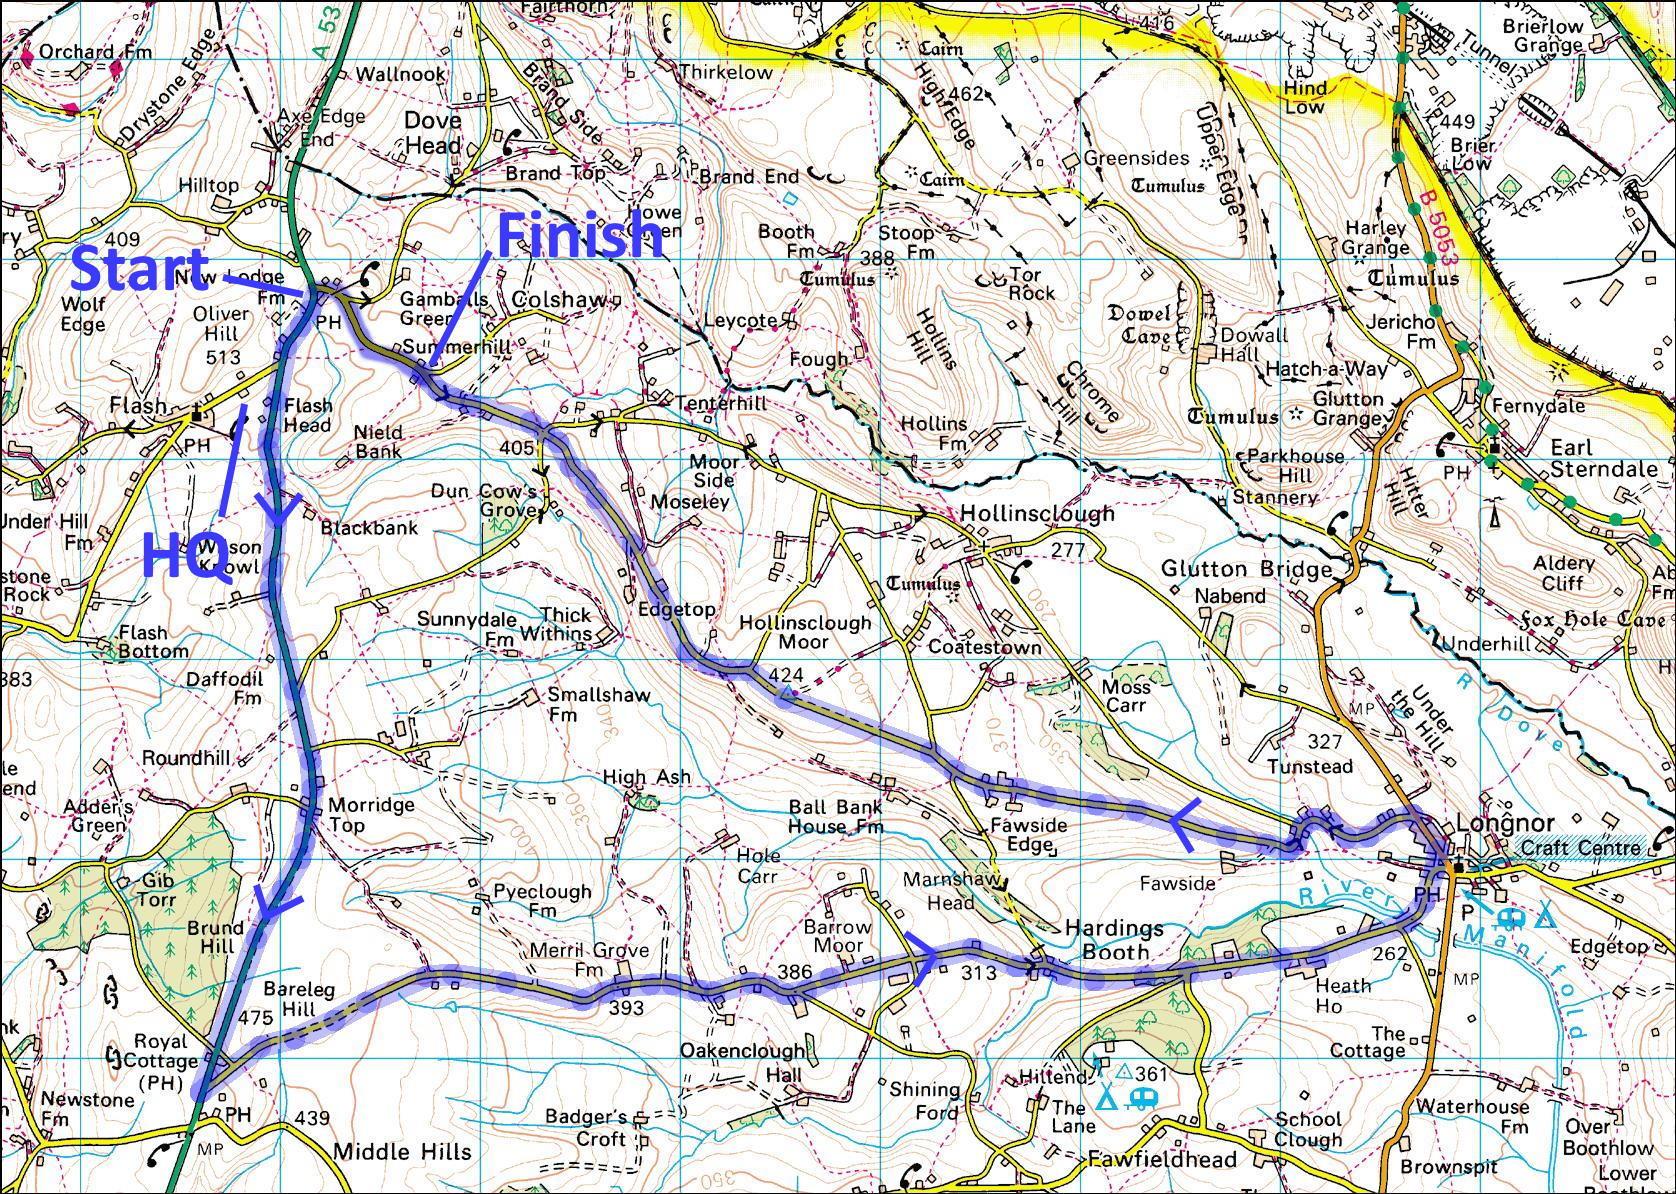 MTT course map